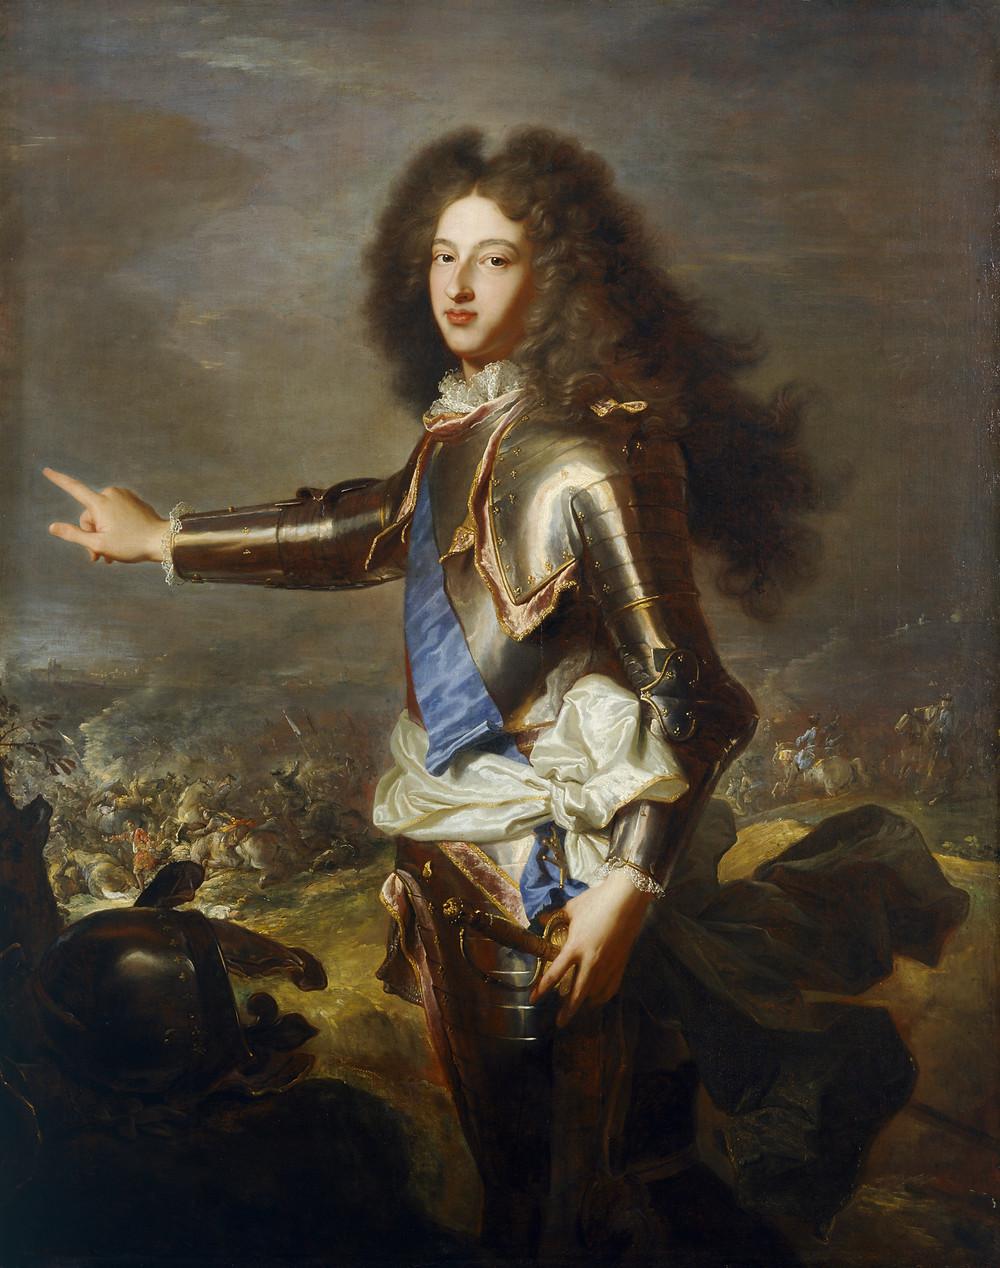 Hyacinthe Rigaud et Joseph Parrocel, Portrait du duc de Bourgogne, 1702-1703, Londres, Kenwood House, The Iveagh Bequest, inv. IBK 958